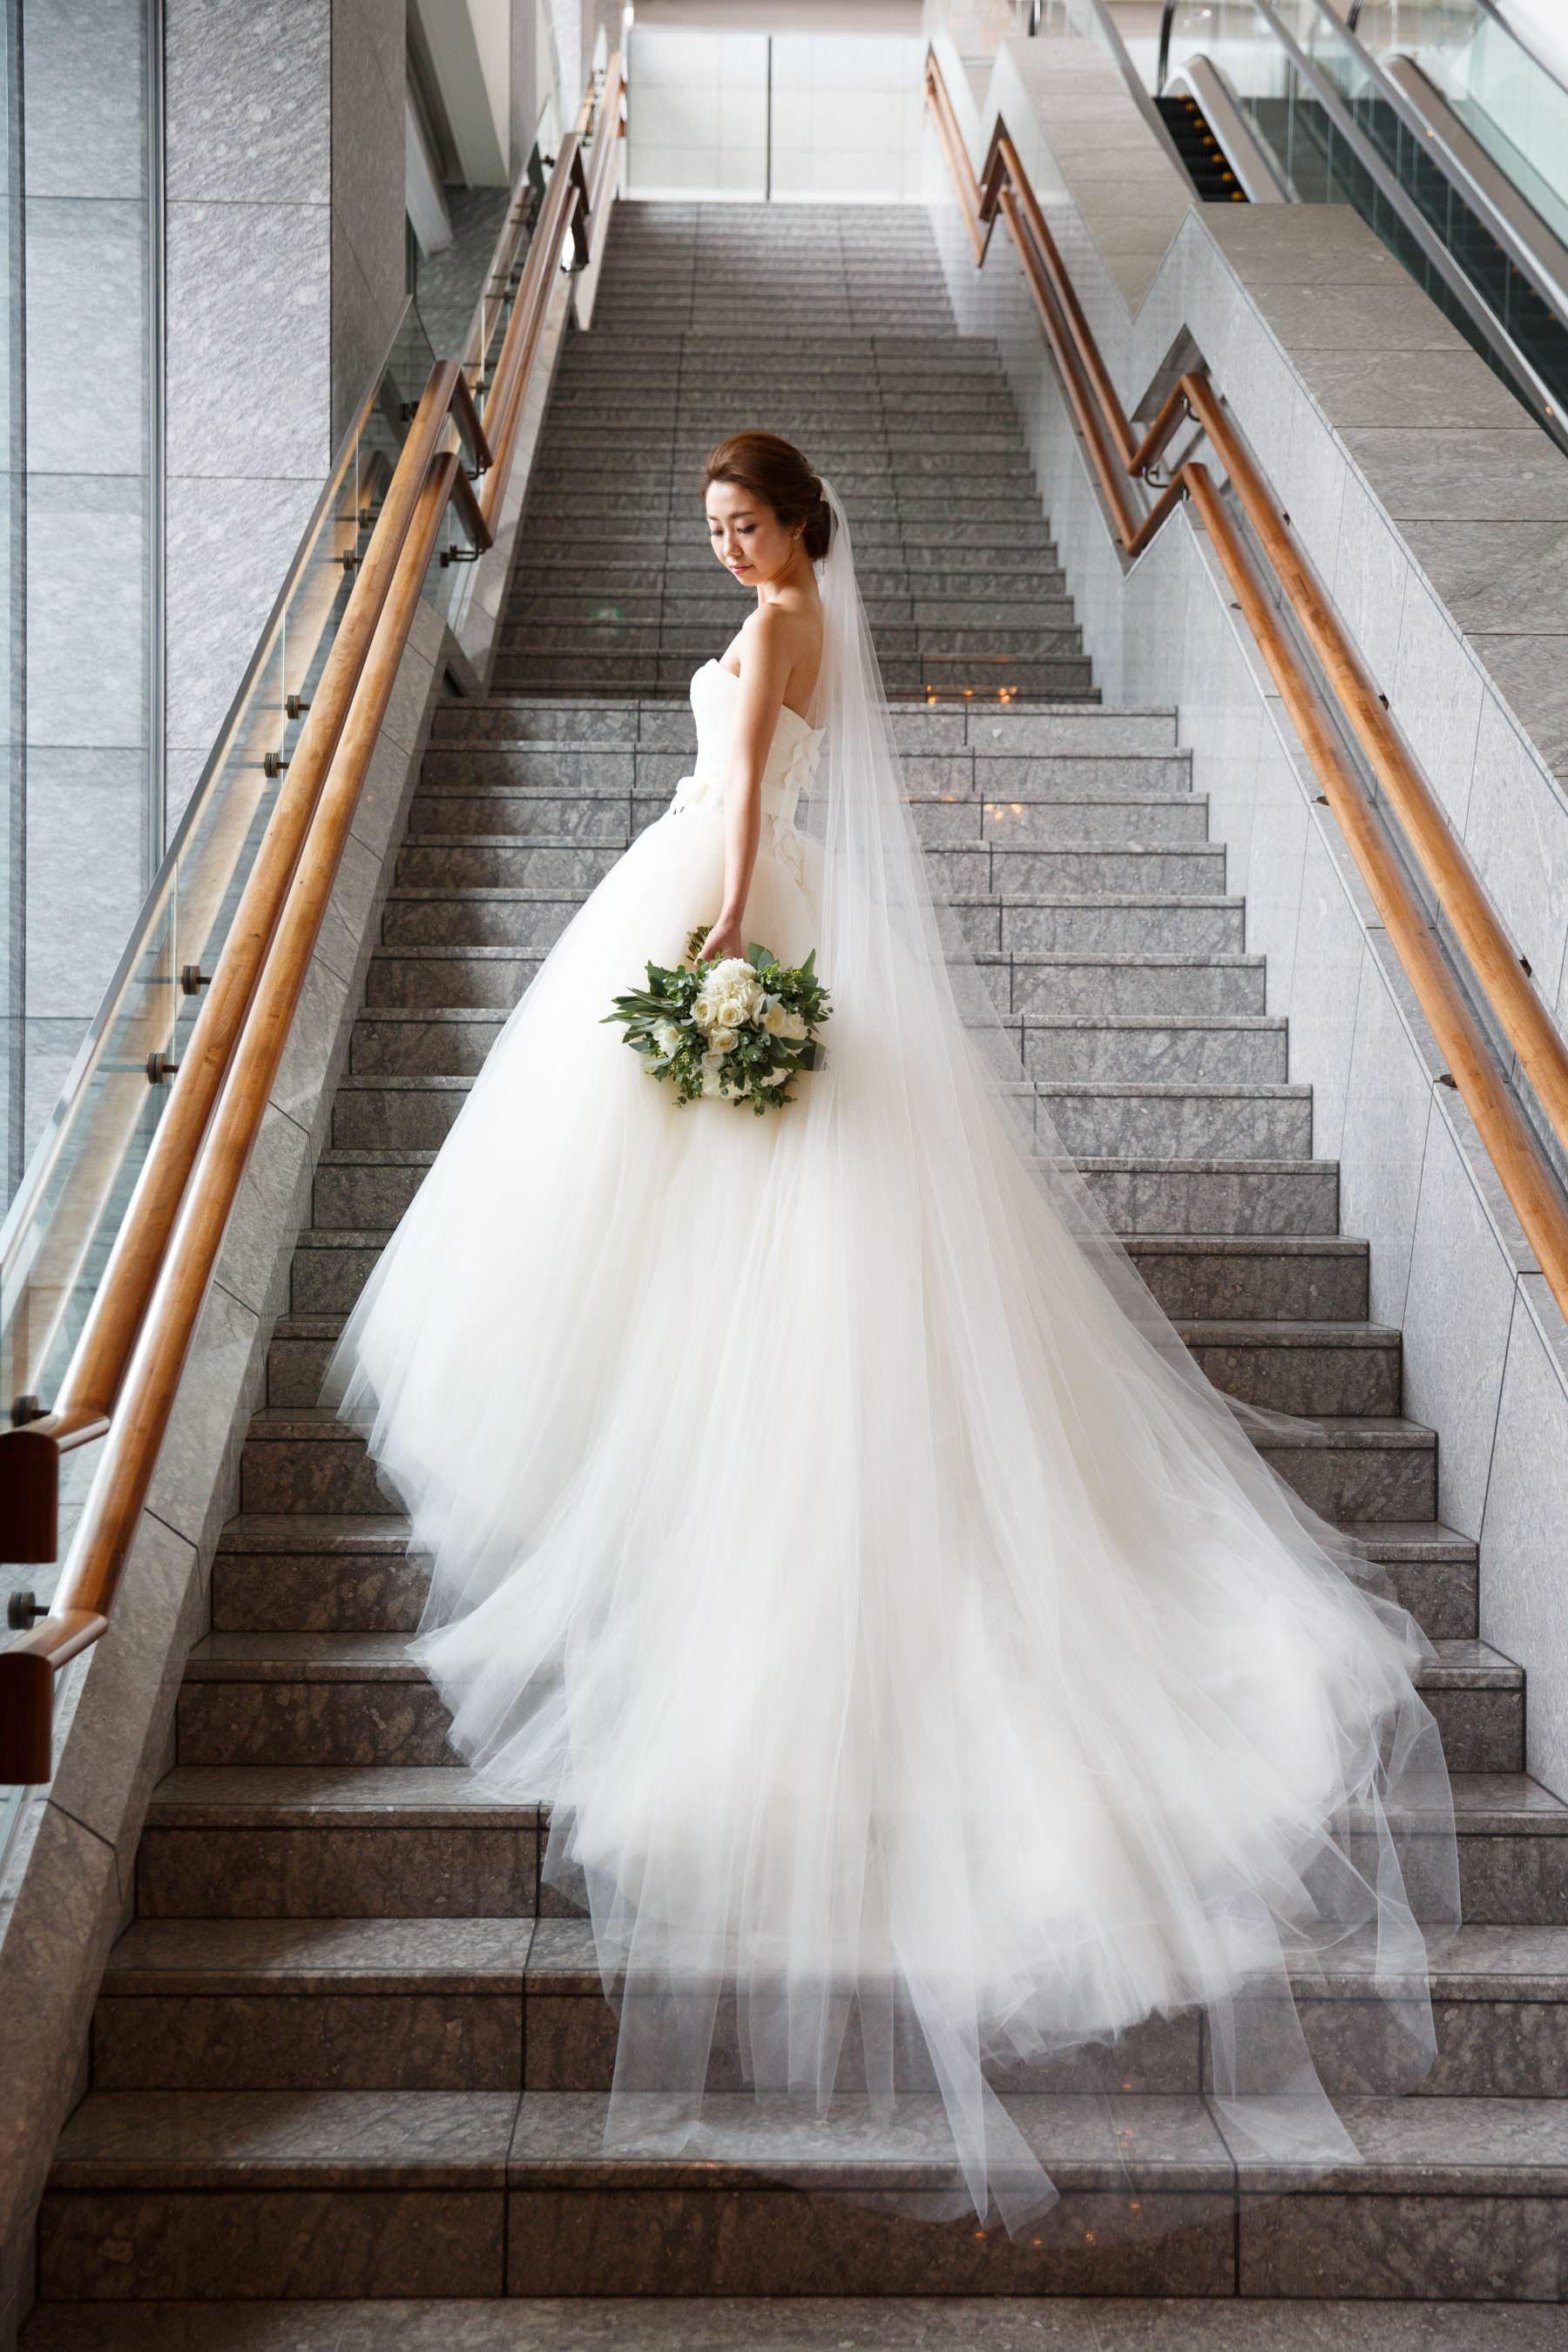 上質のおもてなしと感謝の心遣いが詰まった パレスホテル東京 ウエディング Luxurious Palace Hotel Tokyo Wedding ウェディングドレス ヴェラウォン 花嫁 ウエディング